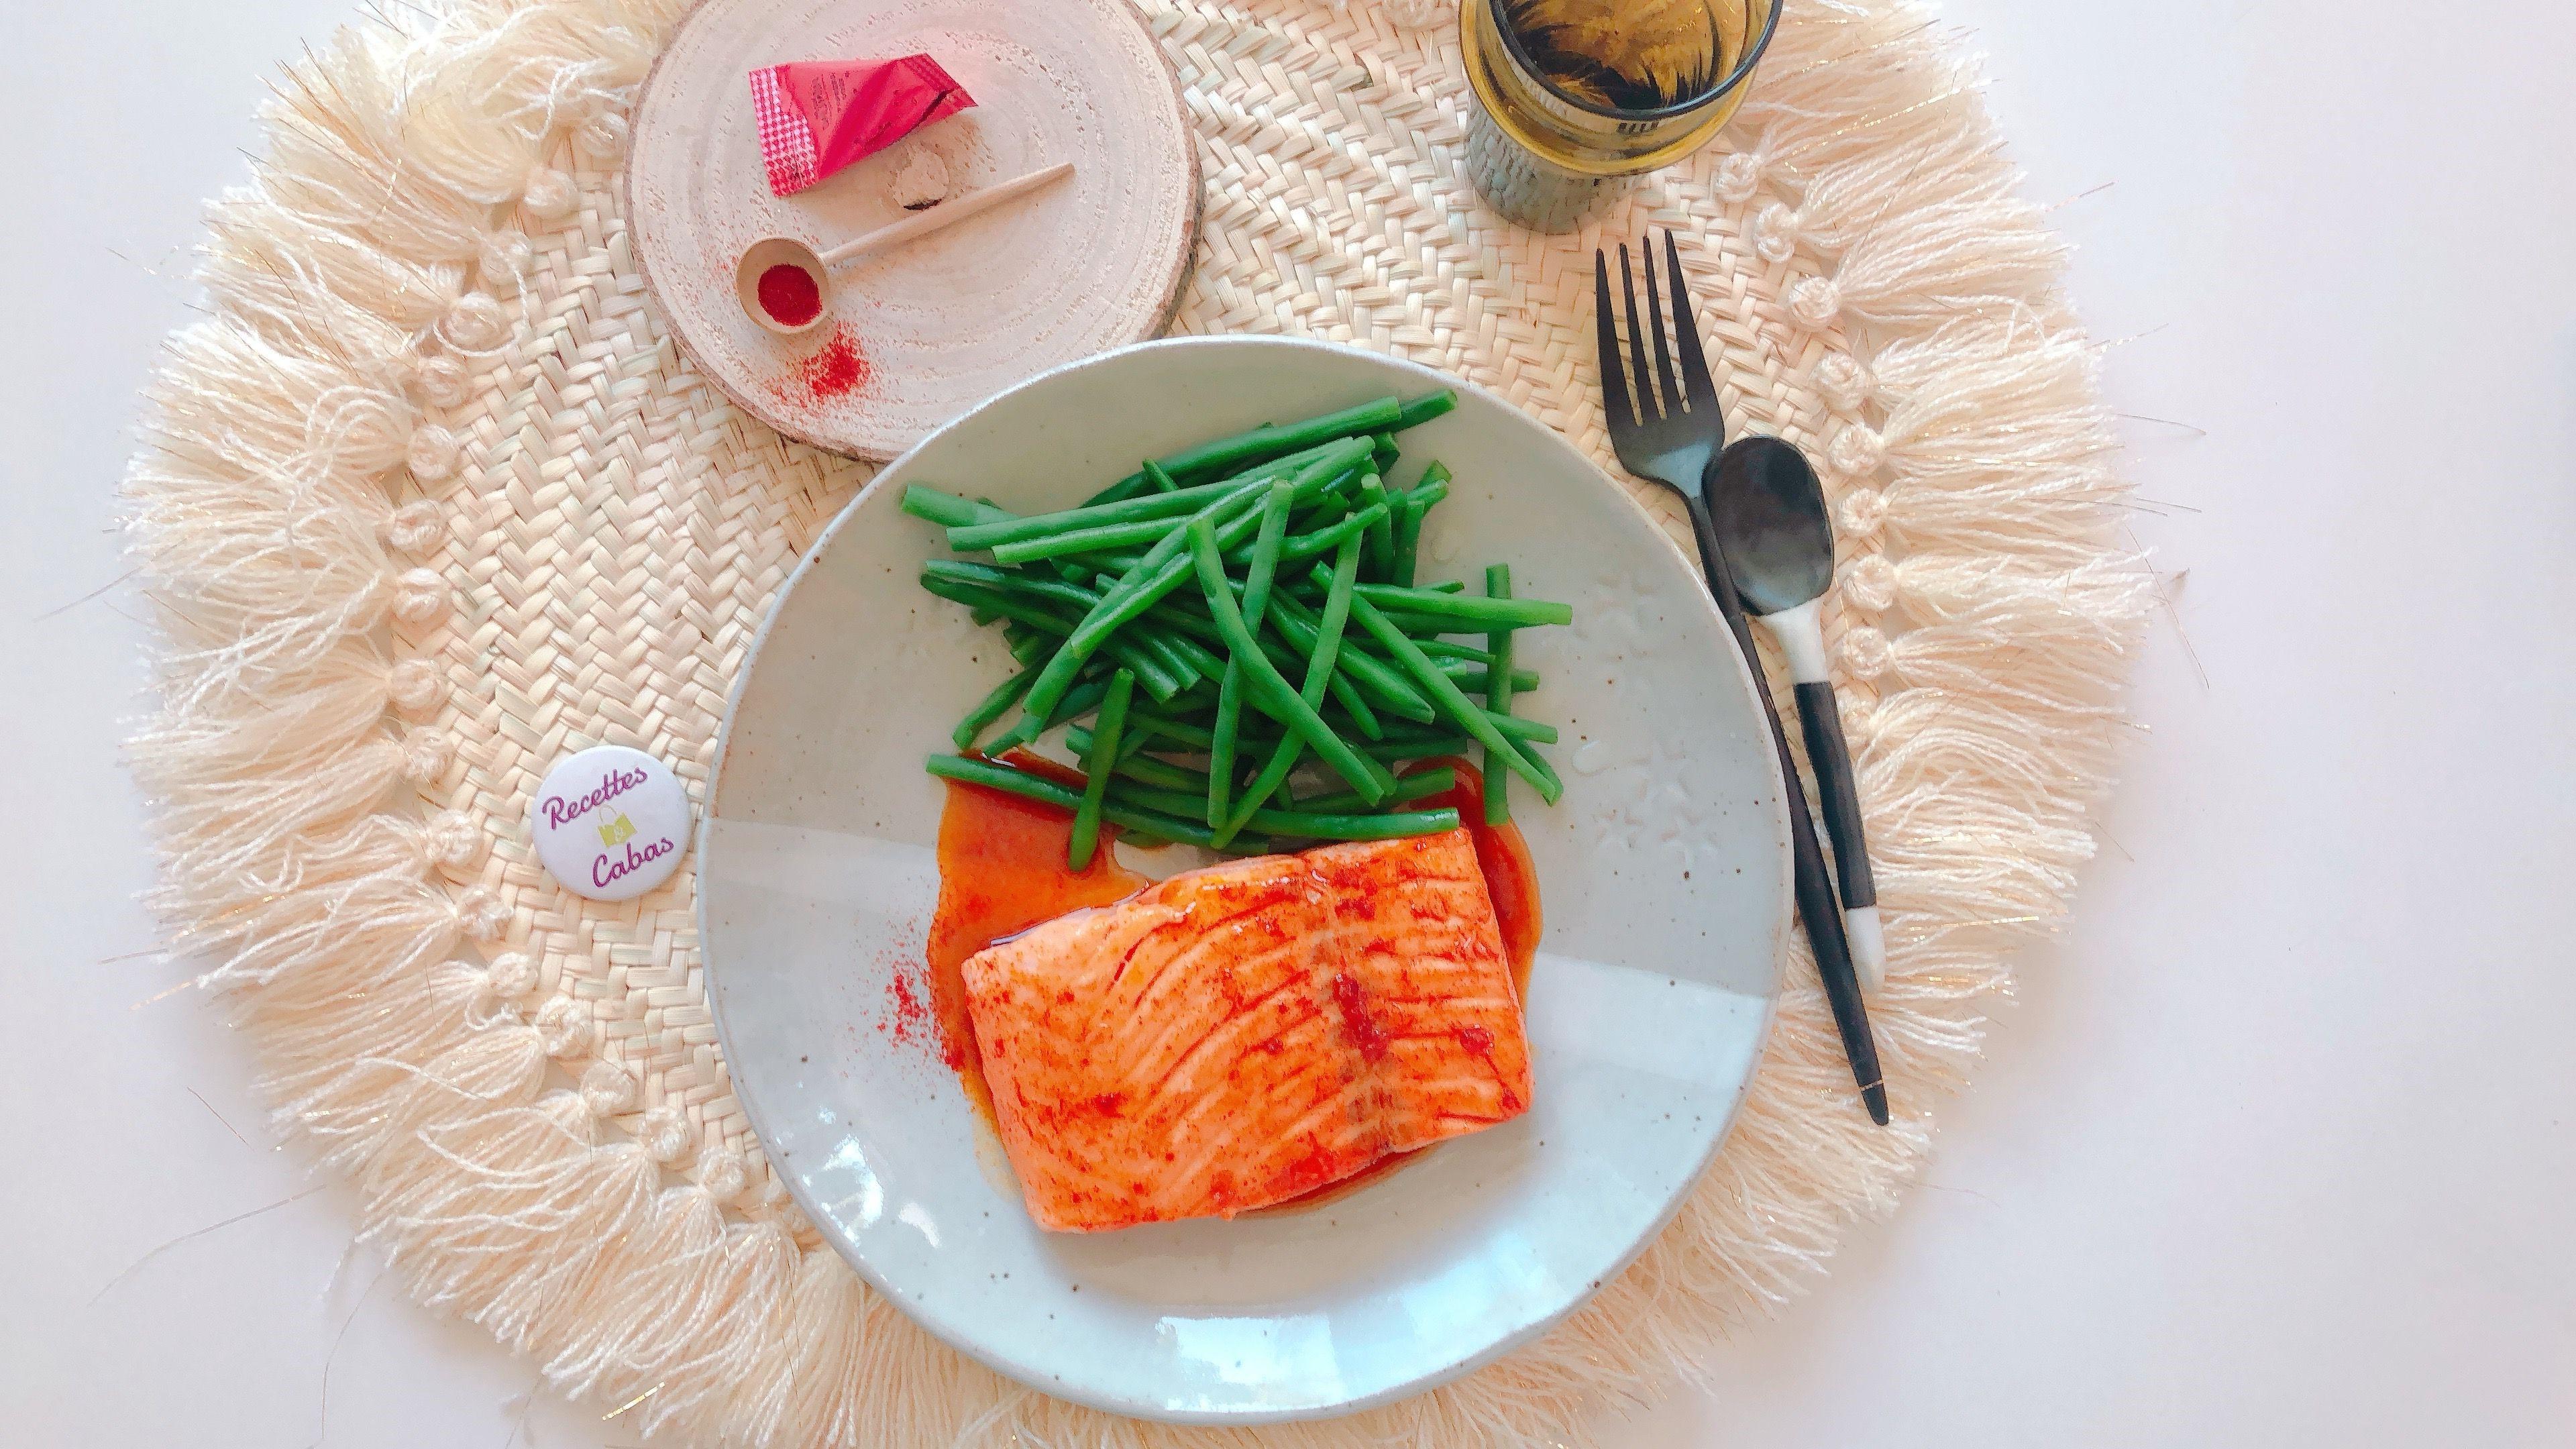 Pavés de saumon au miel et paprika, haricots verts Express